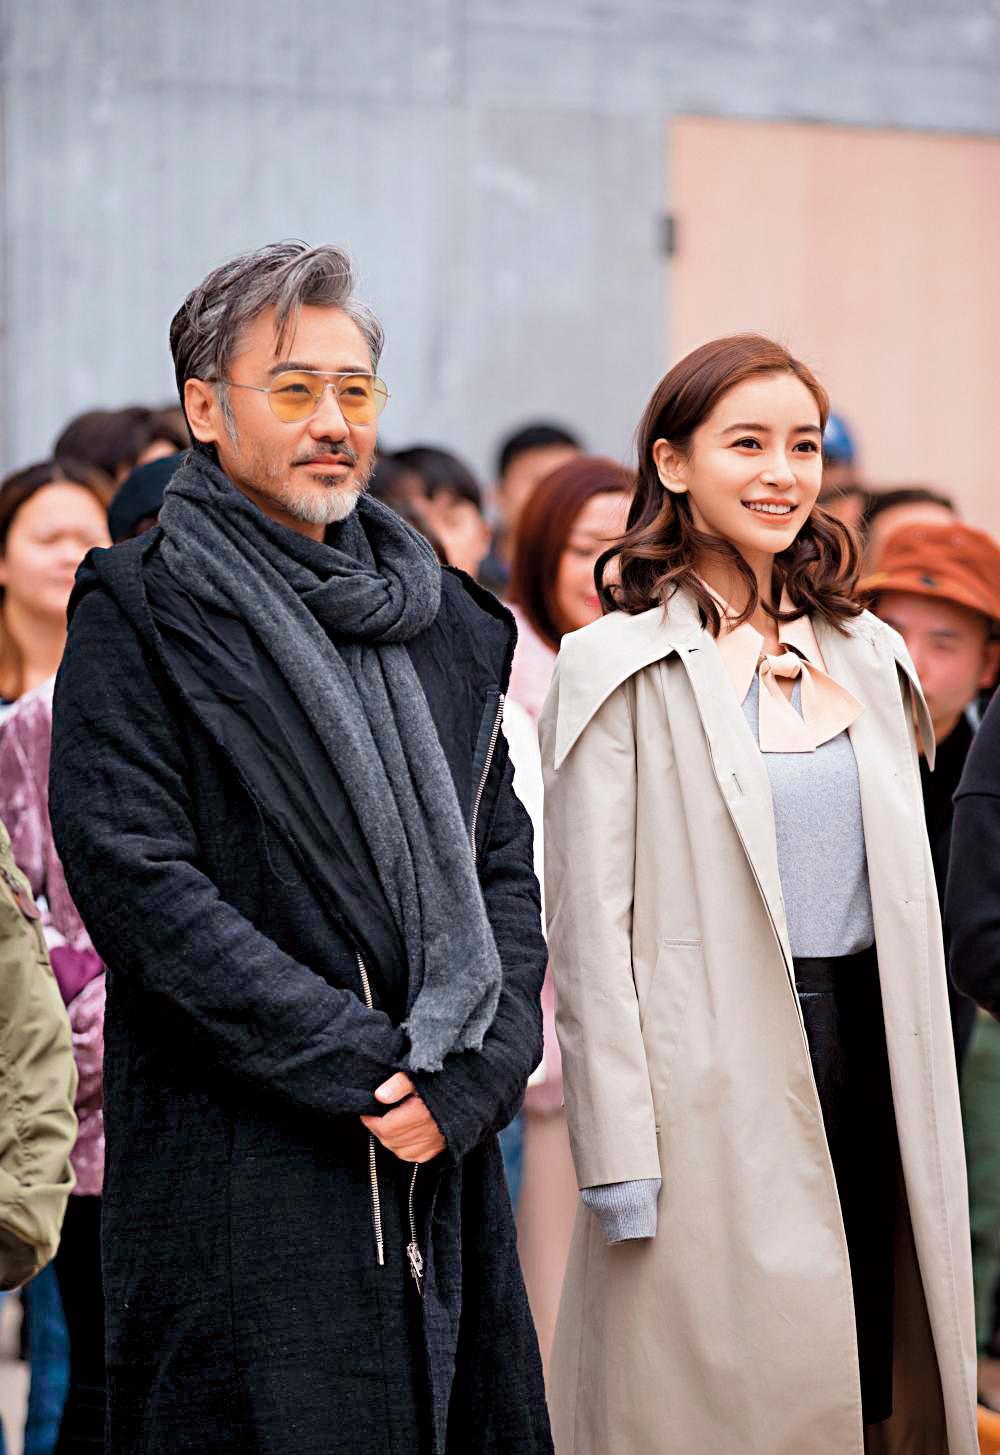 吳秀波(左)推掉《長安十二時辰》,卻與Angelababy(右)合作《渴望生活》,沒想到因為醜聞,讓戲難見天日。(翻攝自新浪)